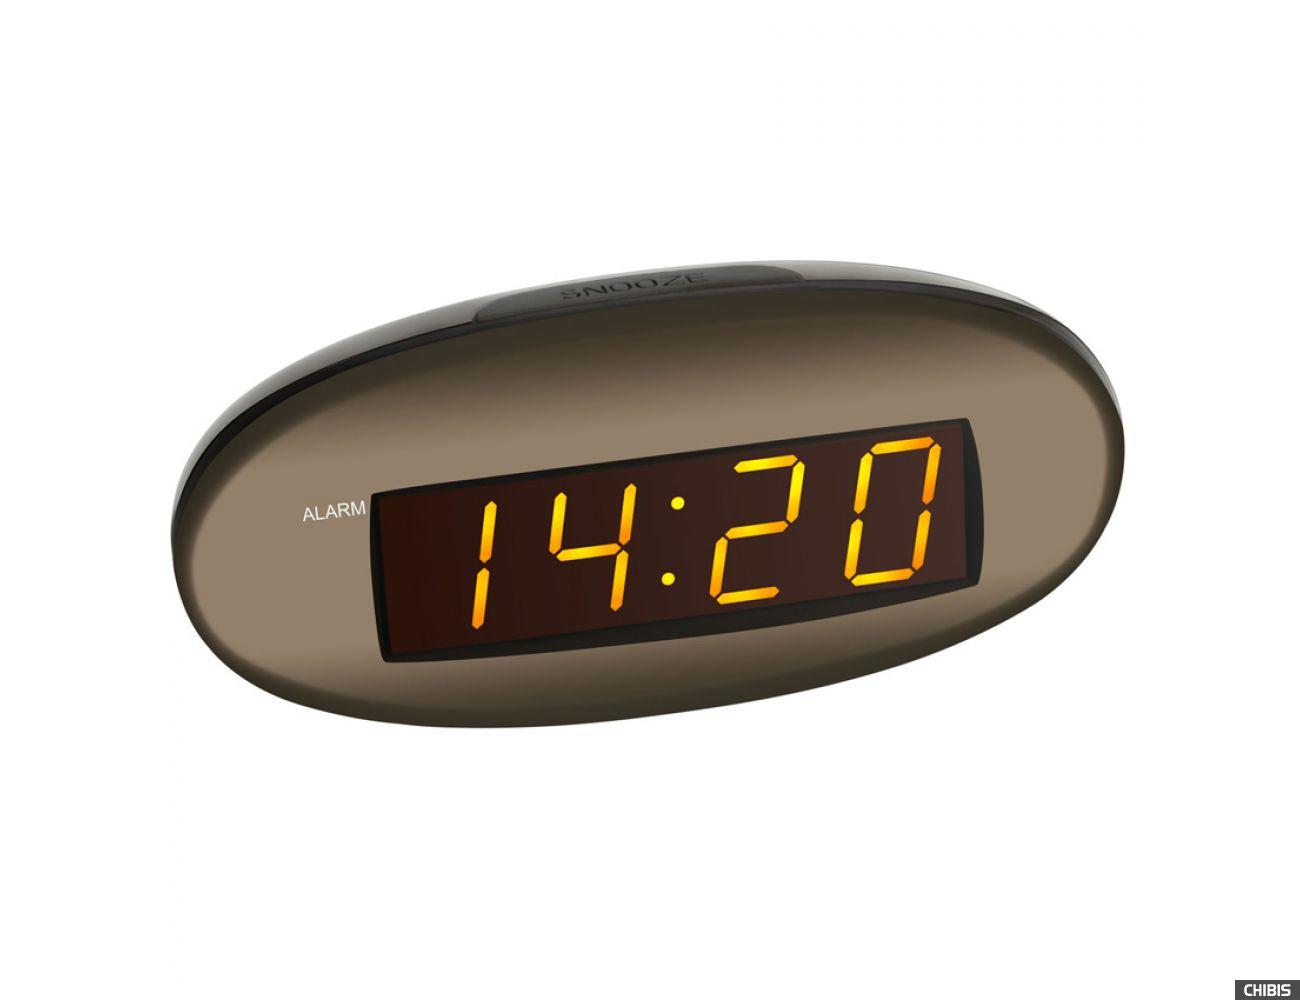 Настольные часы TFA (602005) оранжевая индикация, 70x150x65мм